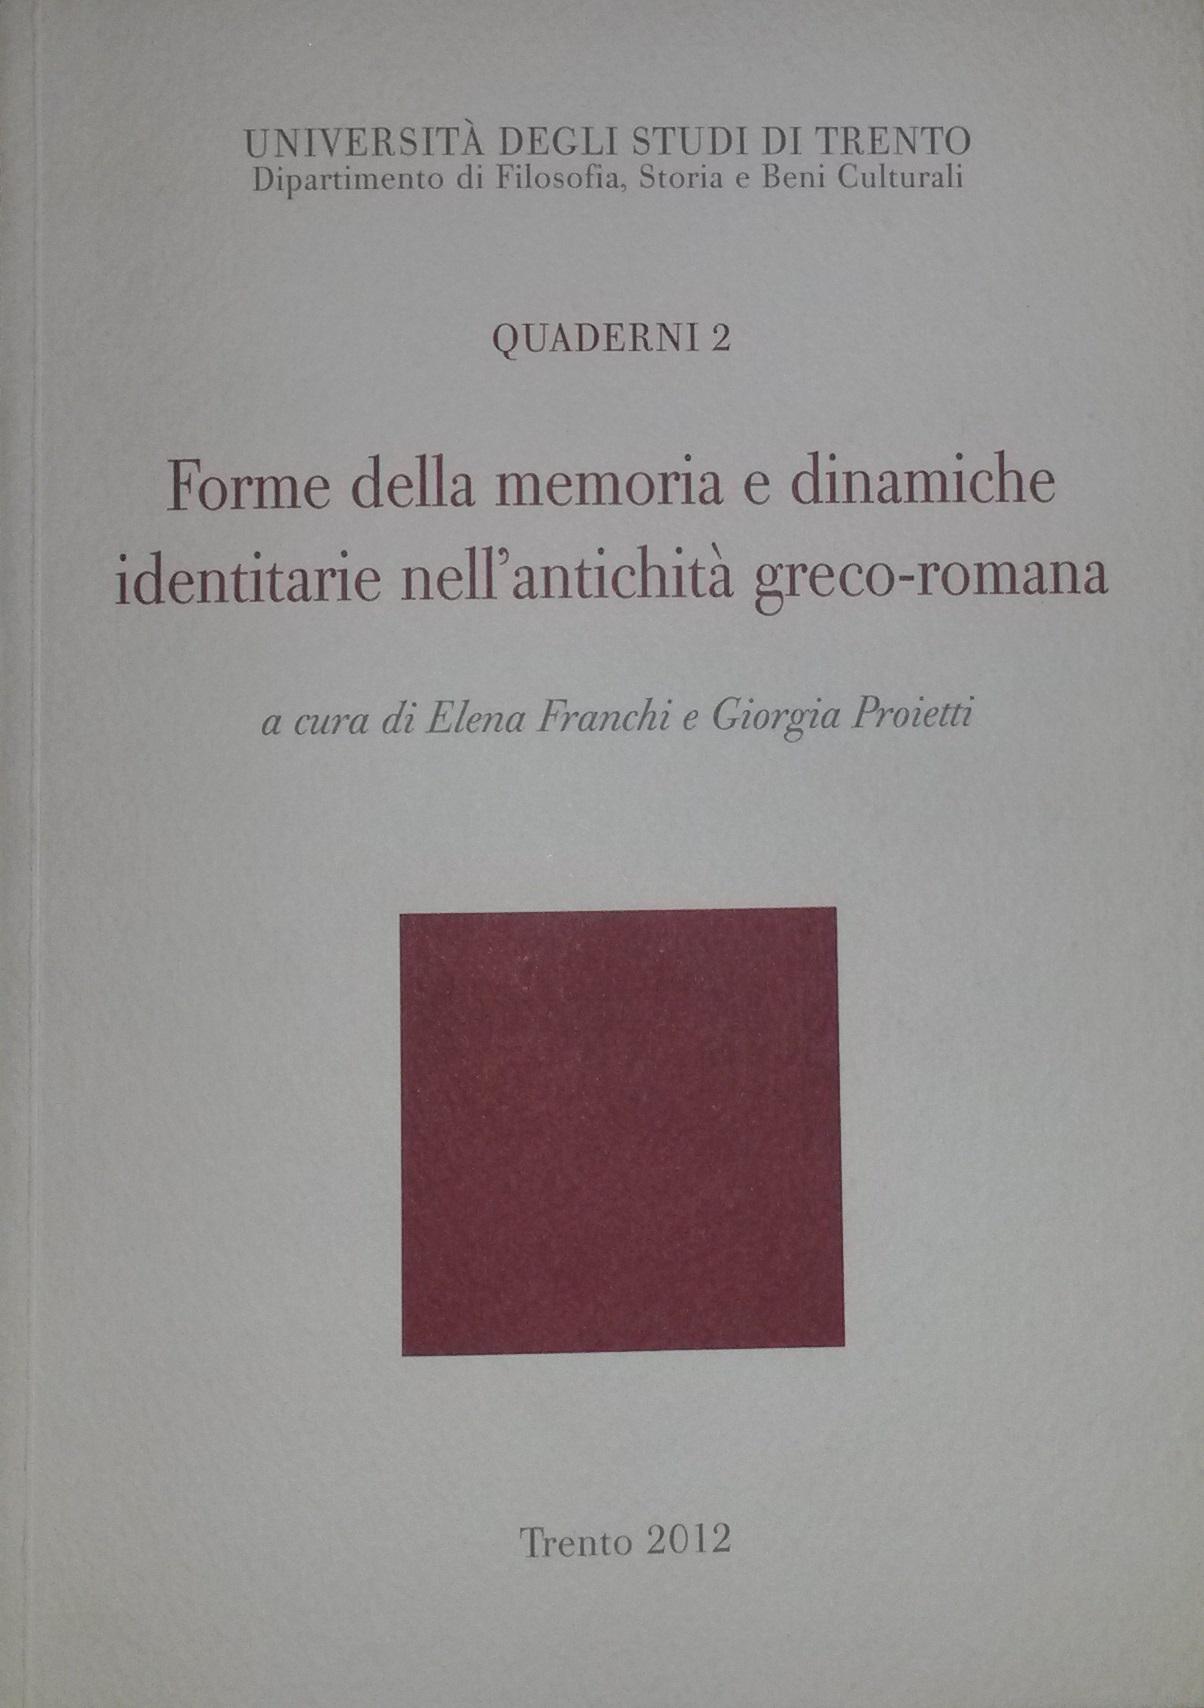 Forme della memoria e dinamiche identitarie nell'antichità greco-romana